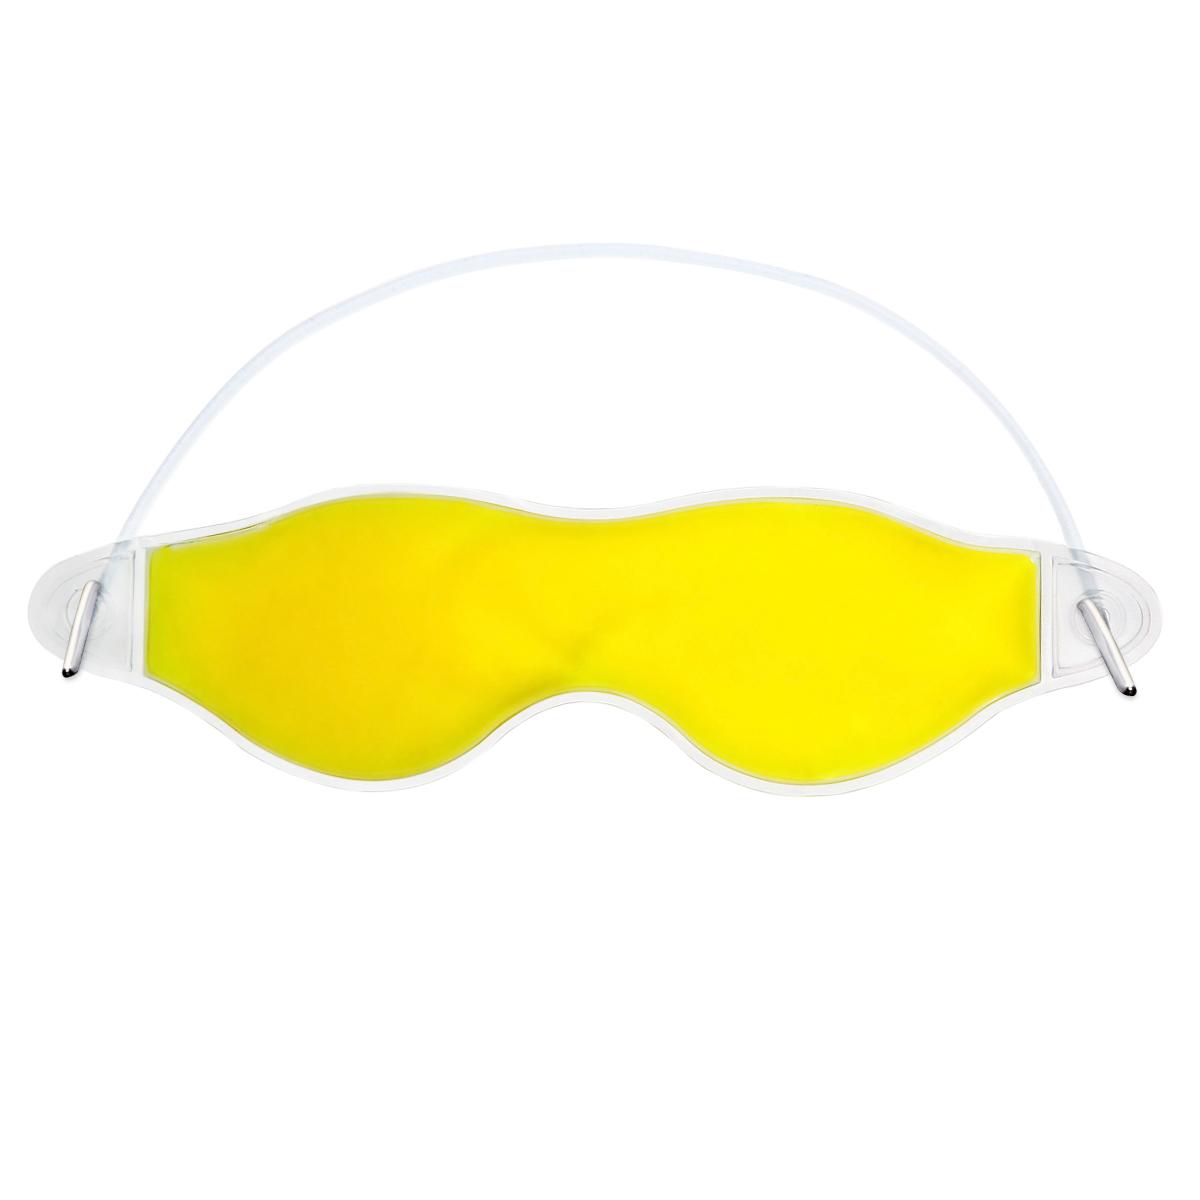 ... Es Kompres Gel Membantu-Mata Tidur Mata Perawatan Pelindung Penutup Mata  Kuning ... 4eab06c588